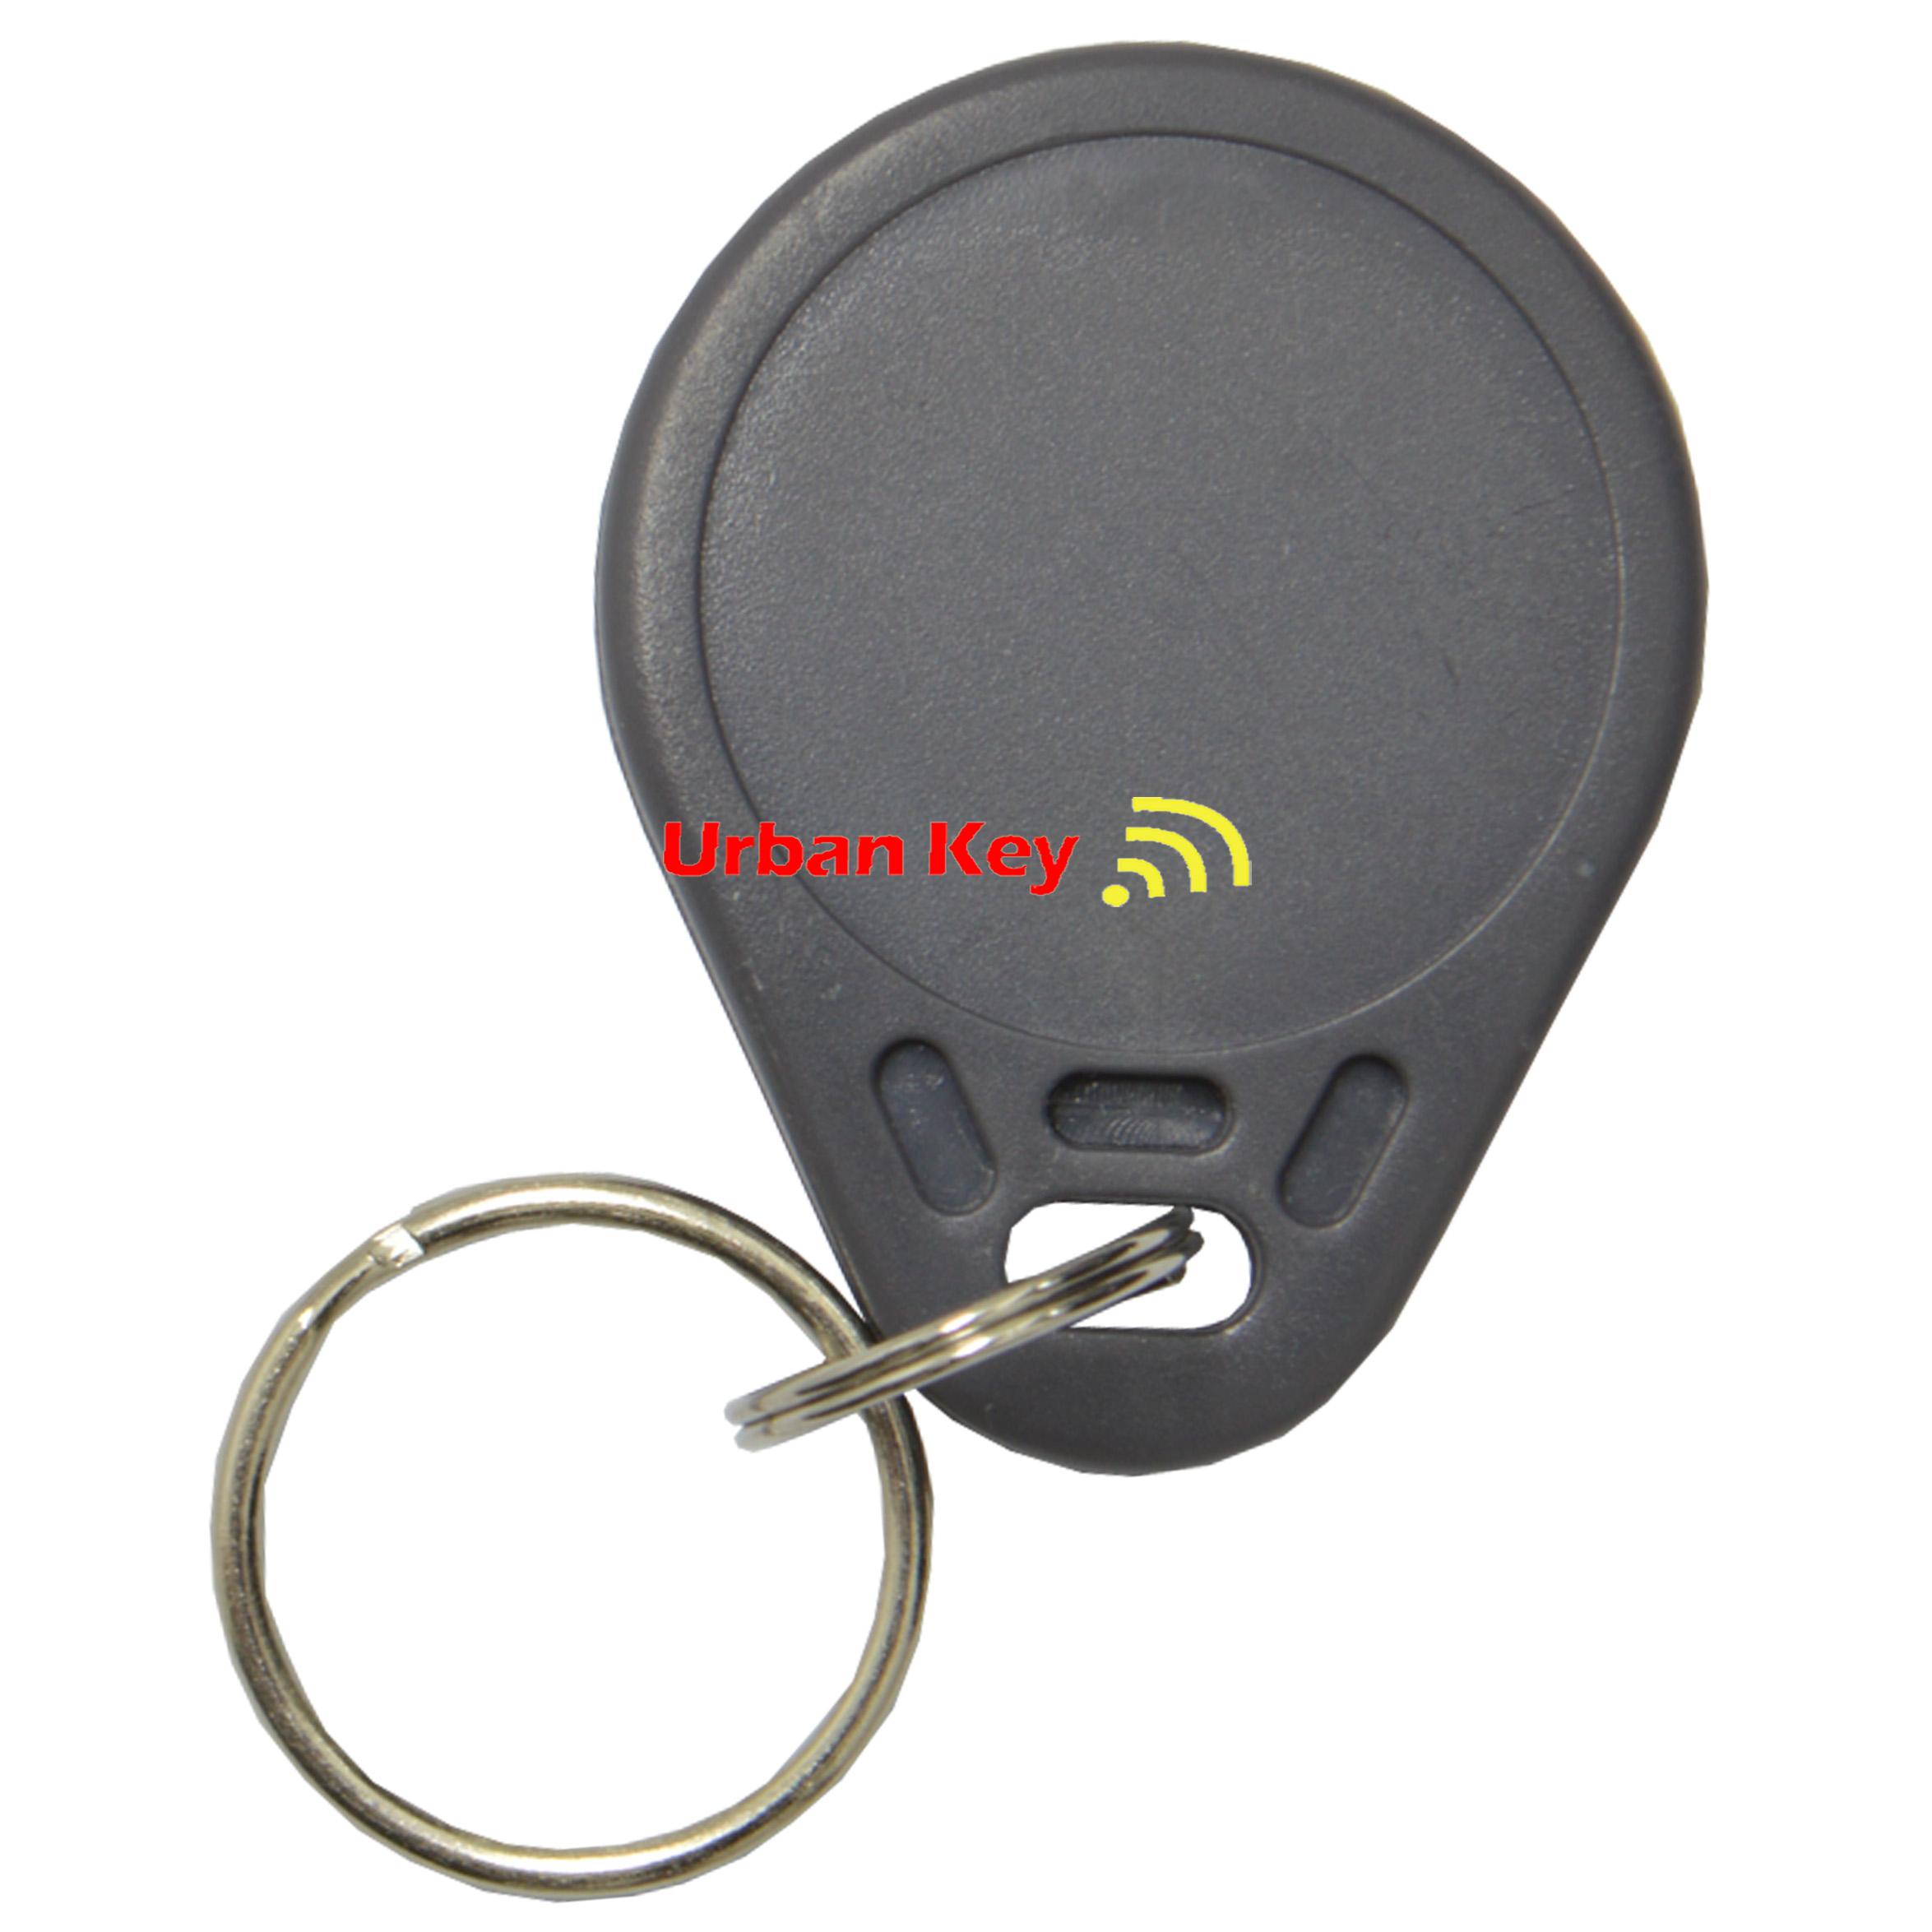 CHAVE RFID PARA LEITOR UK_RFID